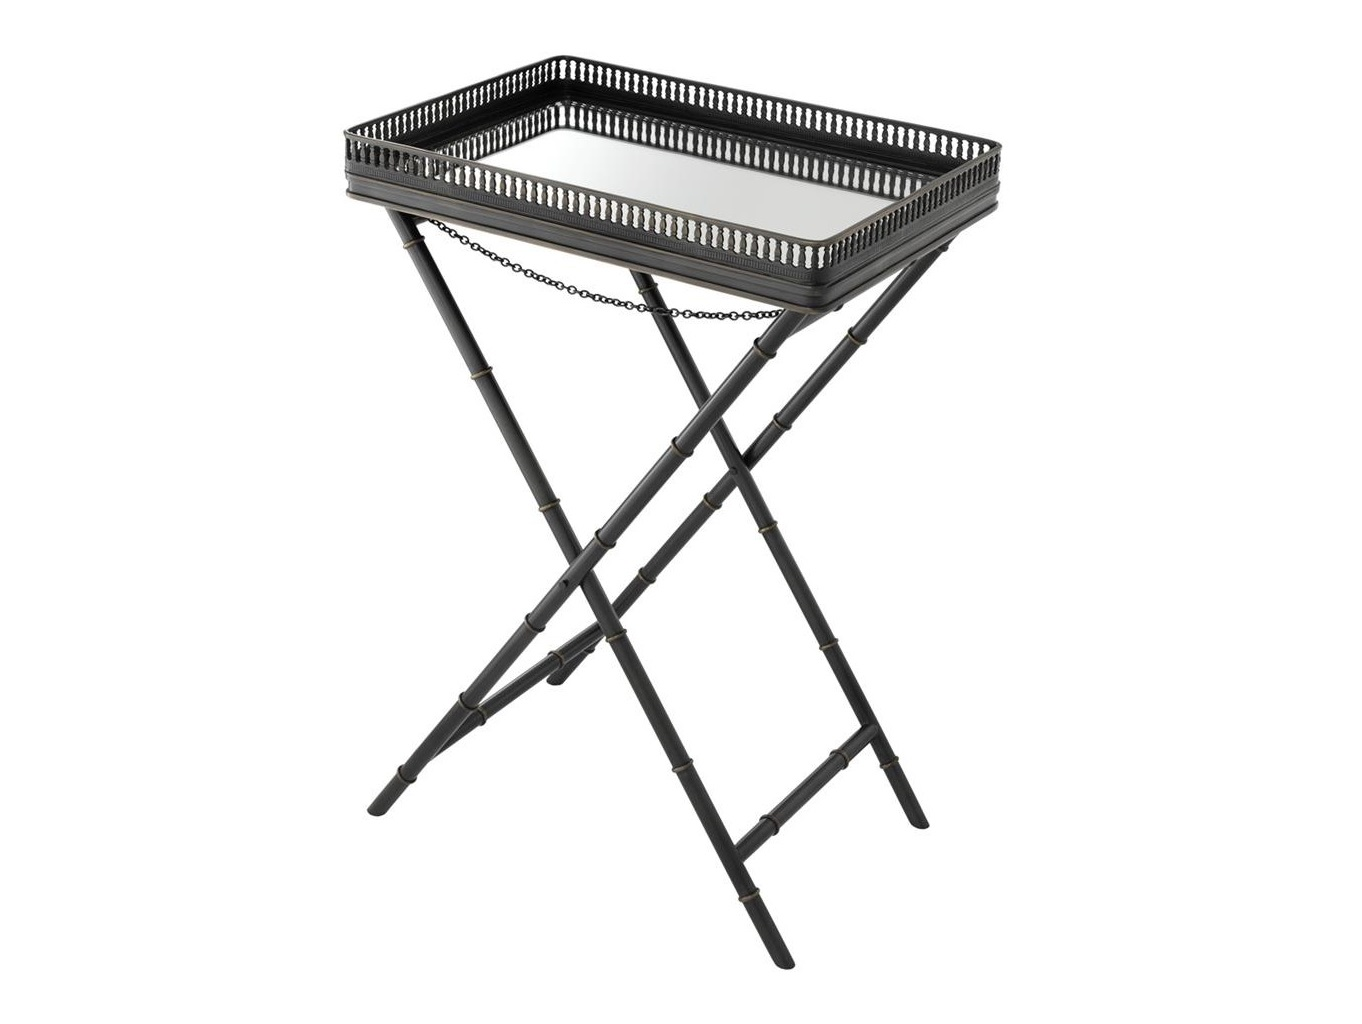 Стол IsolaСервировочные столики<br>Сервировочный столик Isola с подносом.&amp;amp;nbsp;&amp;lt;div&amp;gt;&amp;lt;br&amp;gt;&amp;lt;div&amp;gt;Выполнен из металла цвета пушечная бронза.&amp;amp;nbsp;&amp;lt;/div&amp;gt;&amp;lt;div&amp;gt;Ниша подноса из зеркального стекла.&amp;amp;nbsp;&amp;lt;div&amp;gt;Размеры подноса: 61 x 43 x H. 7 cm.&amp;lt;/div&amp;gt;&amp;lt;/div&amp;gt;&amp;lt;/div&amp;gt;<br><br>Material: Металл<br>Ширина см: 61.0<br>Высота см: 87<br>Глубина см: 43.0